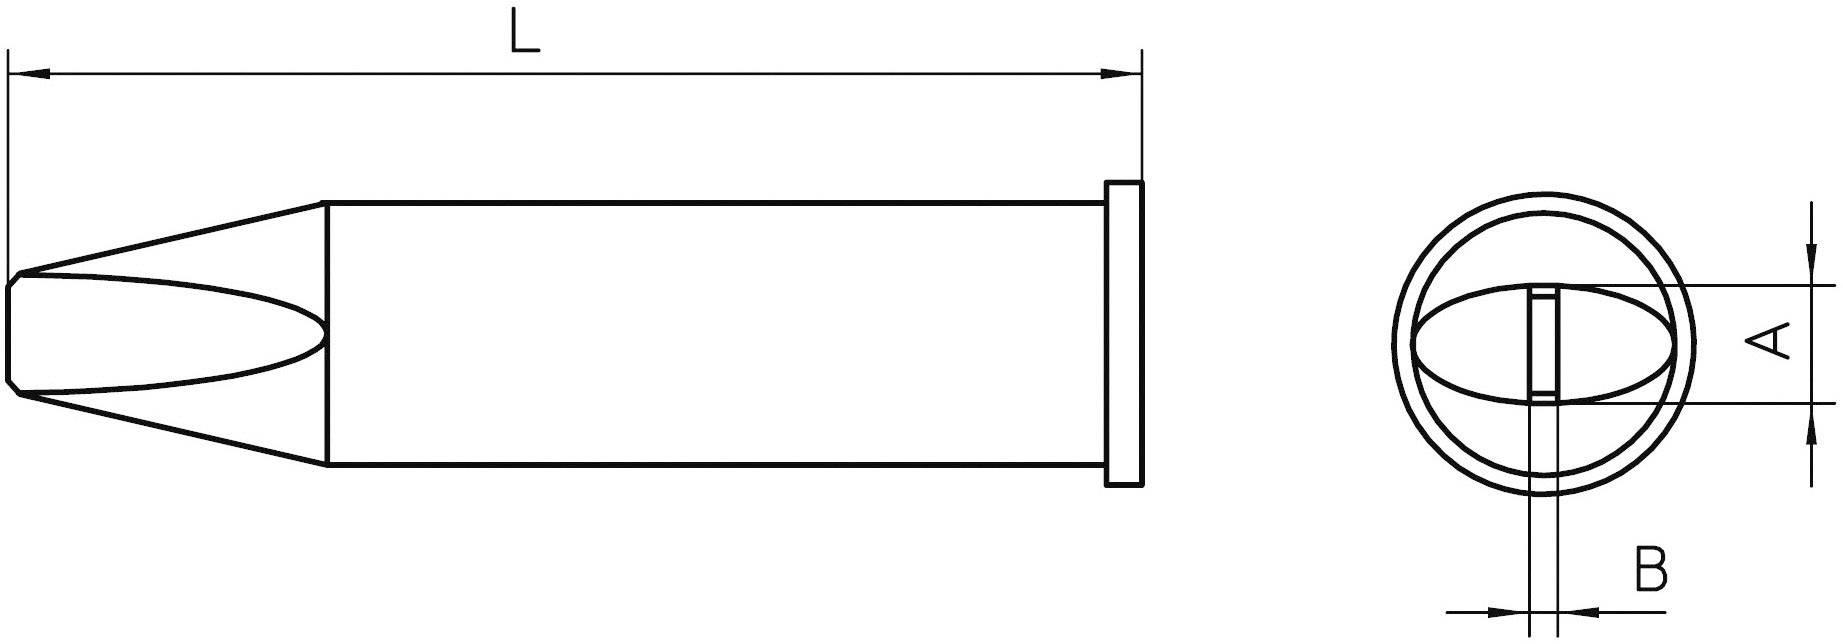 Pájecí hrot Weller XHT D5, 5x1,2 mm, dlátový